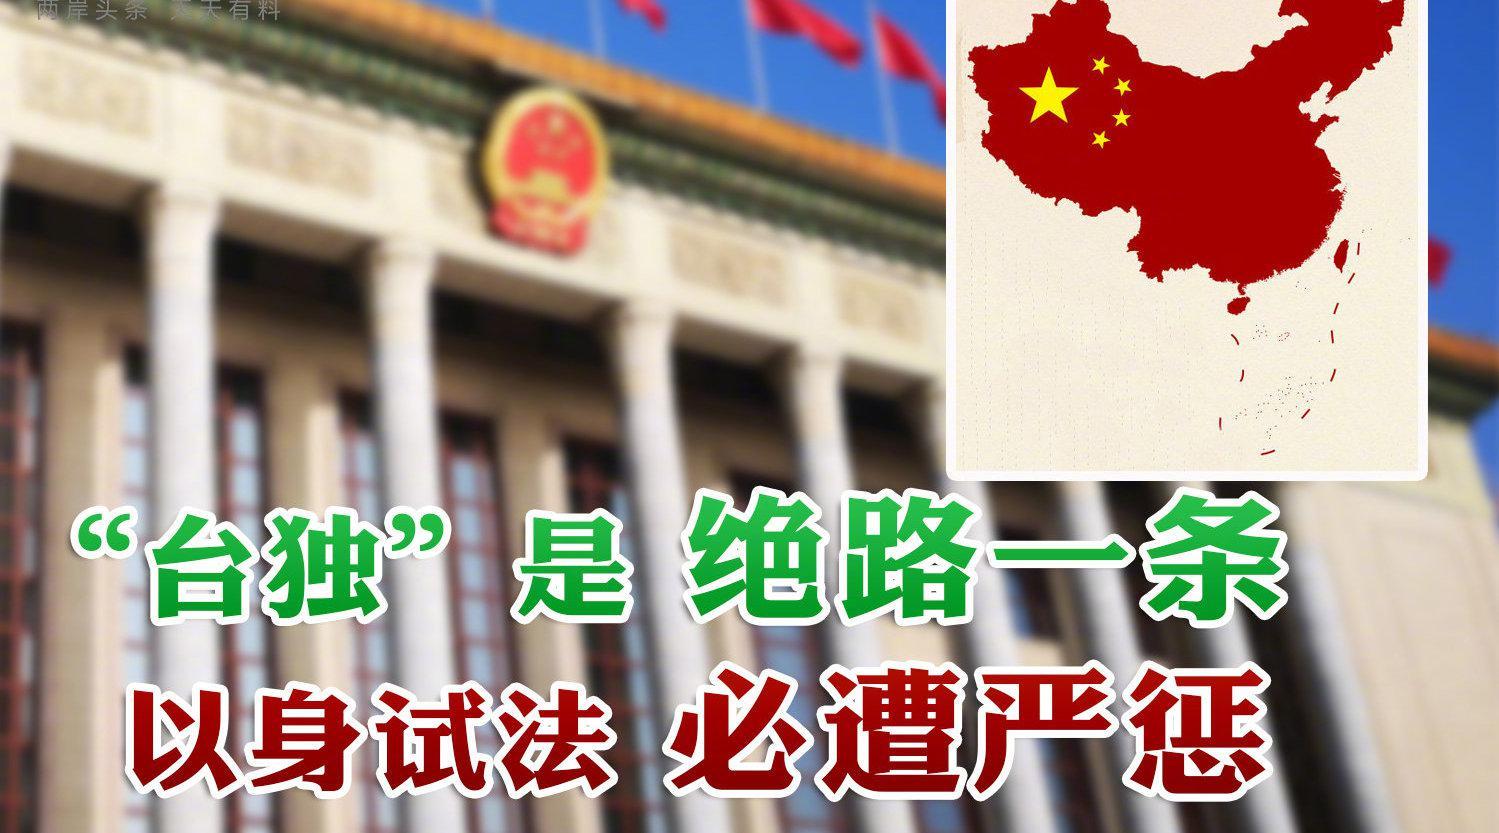 《反分裂国家法》实施15周年 福建GDP超台湾 国台办警告民进党